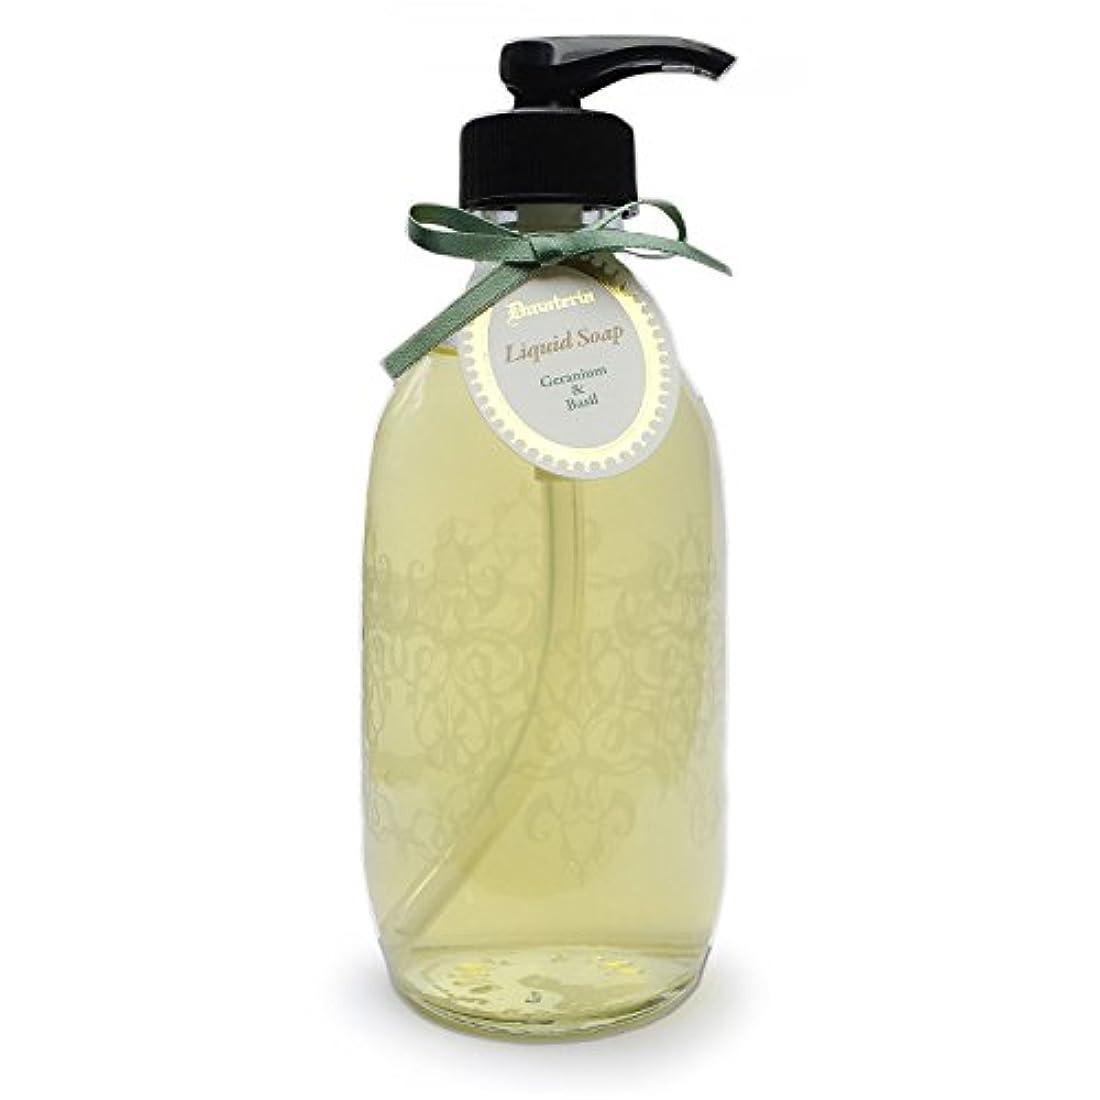 キュービック仕事に行くビームD materia リキッドソープ ゼラニウム&バジル Geranium&Basil Liquid Soap ディーマテリア